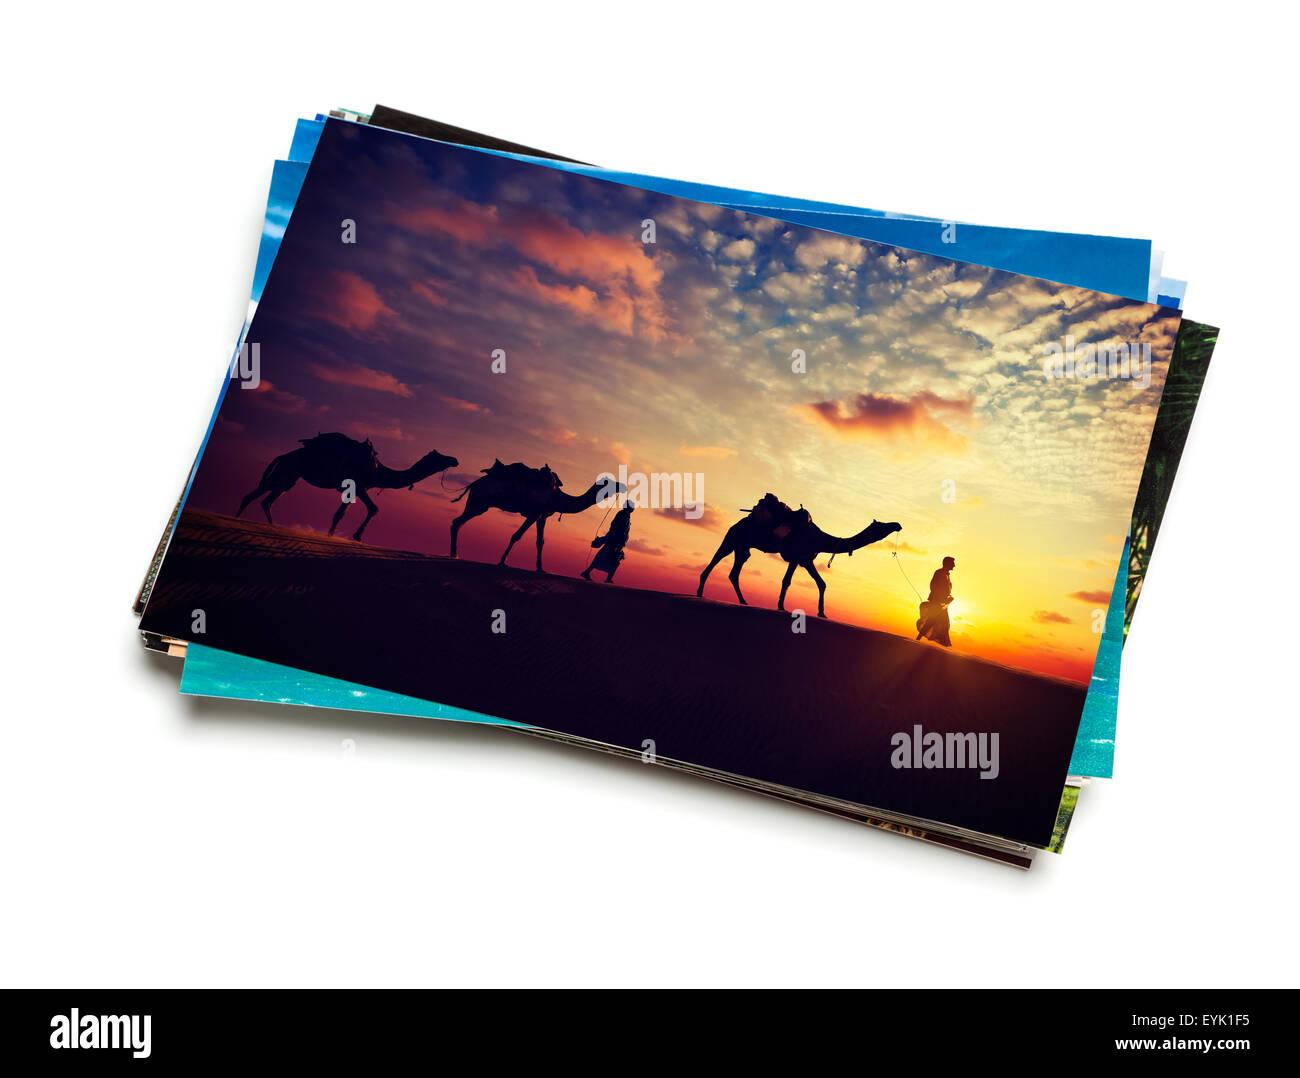 Holidays Travel concepto creativo de fondo - Pila de fotos de vacaciones con la caravana de camellos sunset imagen Imagen De Stock